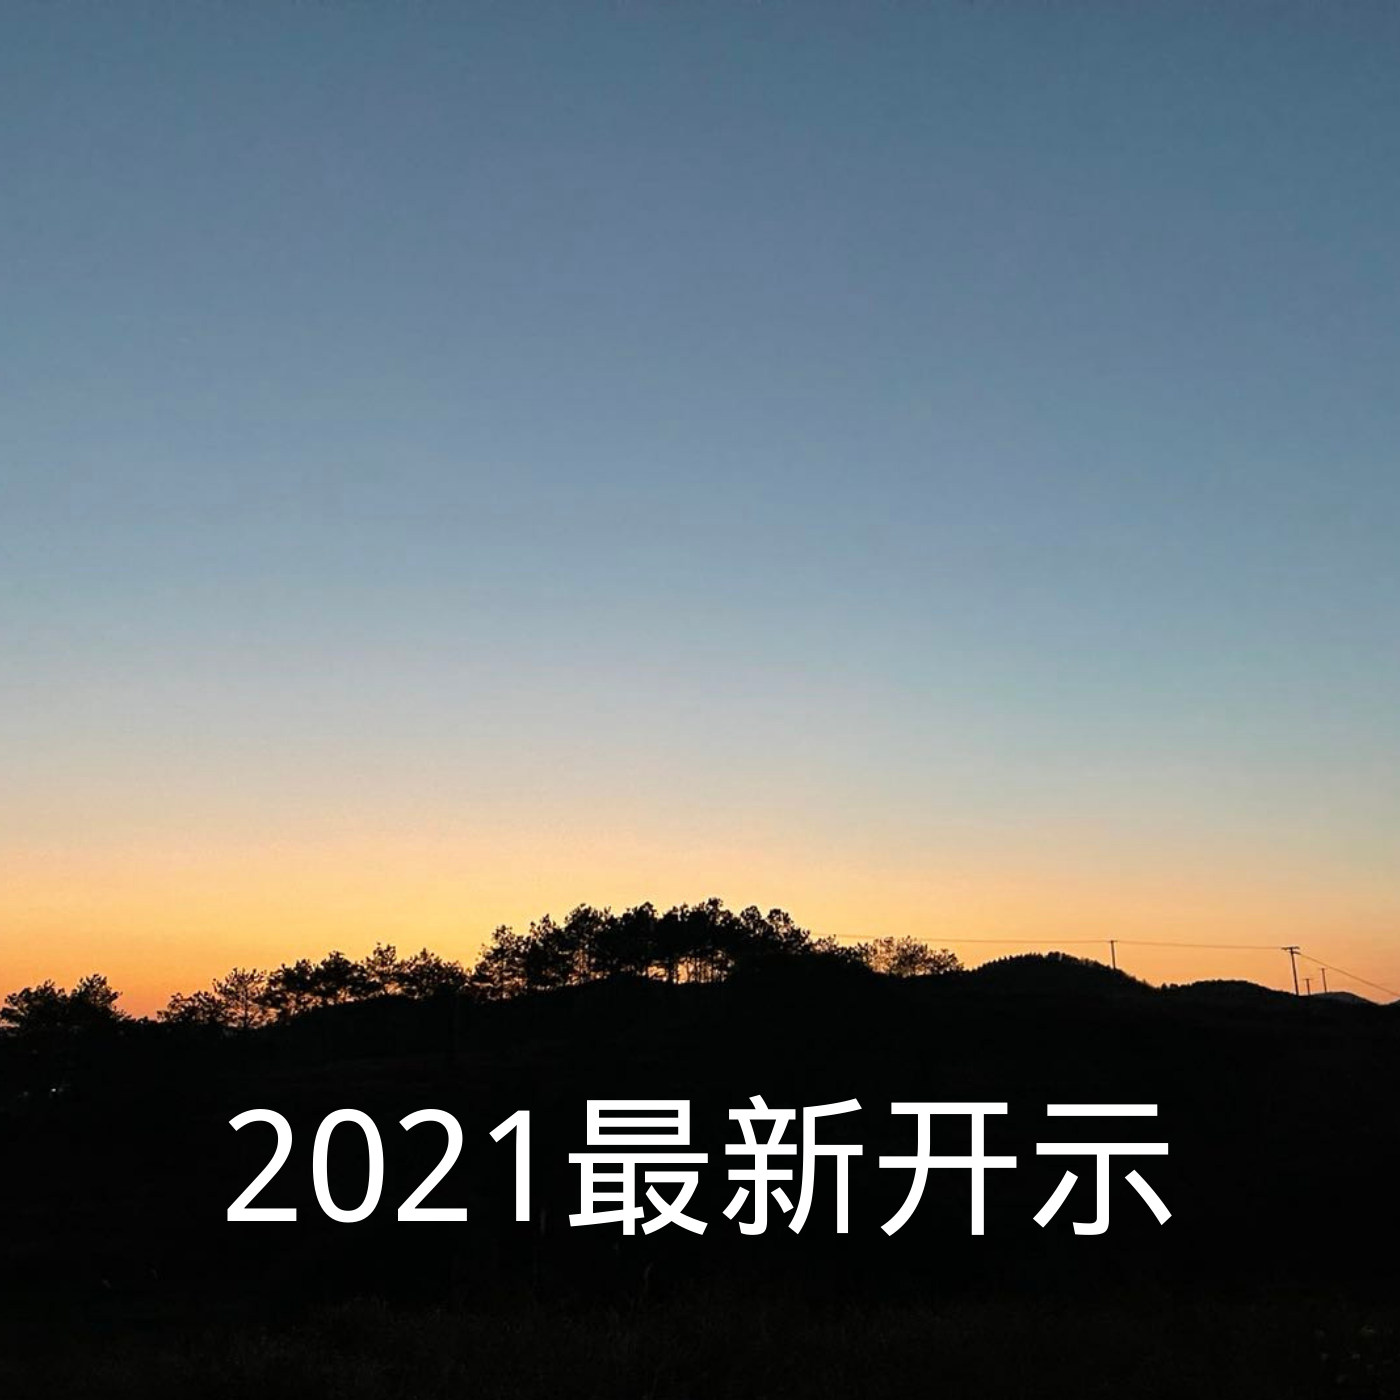 2021年最新开示